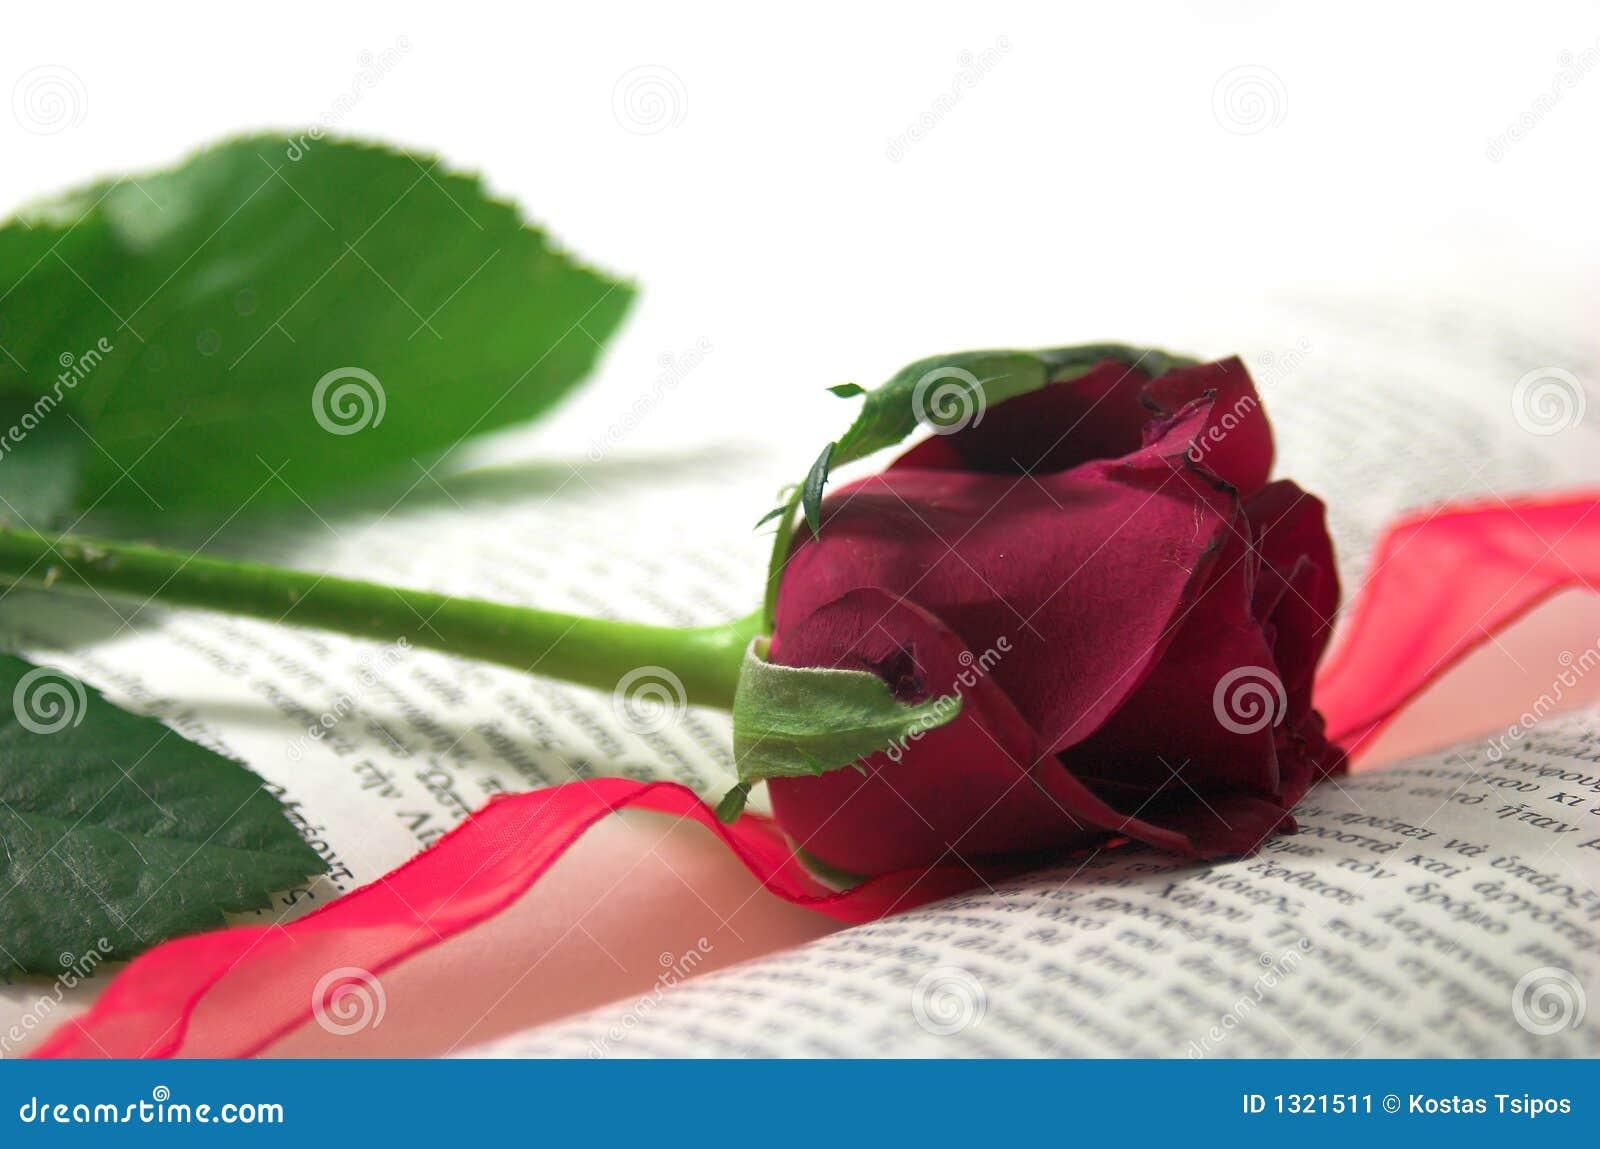 Rouge rose et livre